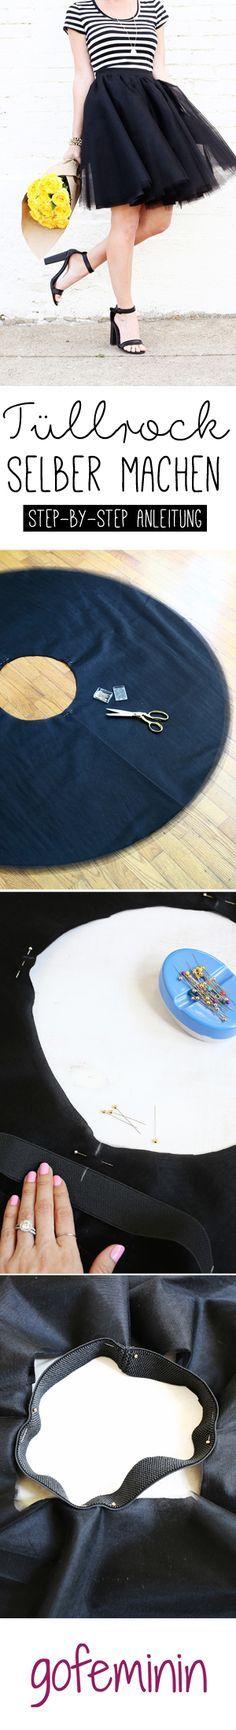 ber ideen zu t llrock anleitung auf pinterest ein tutu machen anleitungen und n hen. Black Bedroom Furniture Sets. Home Design Ideas